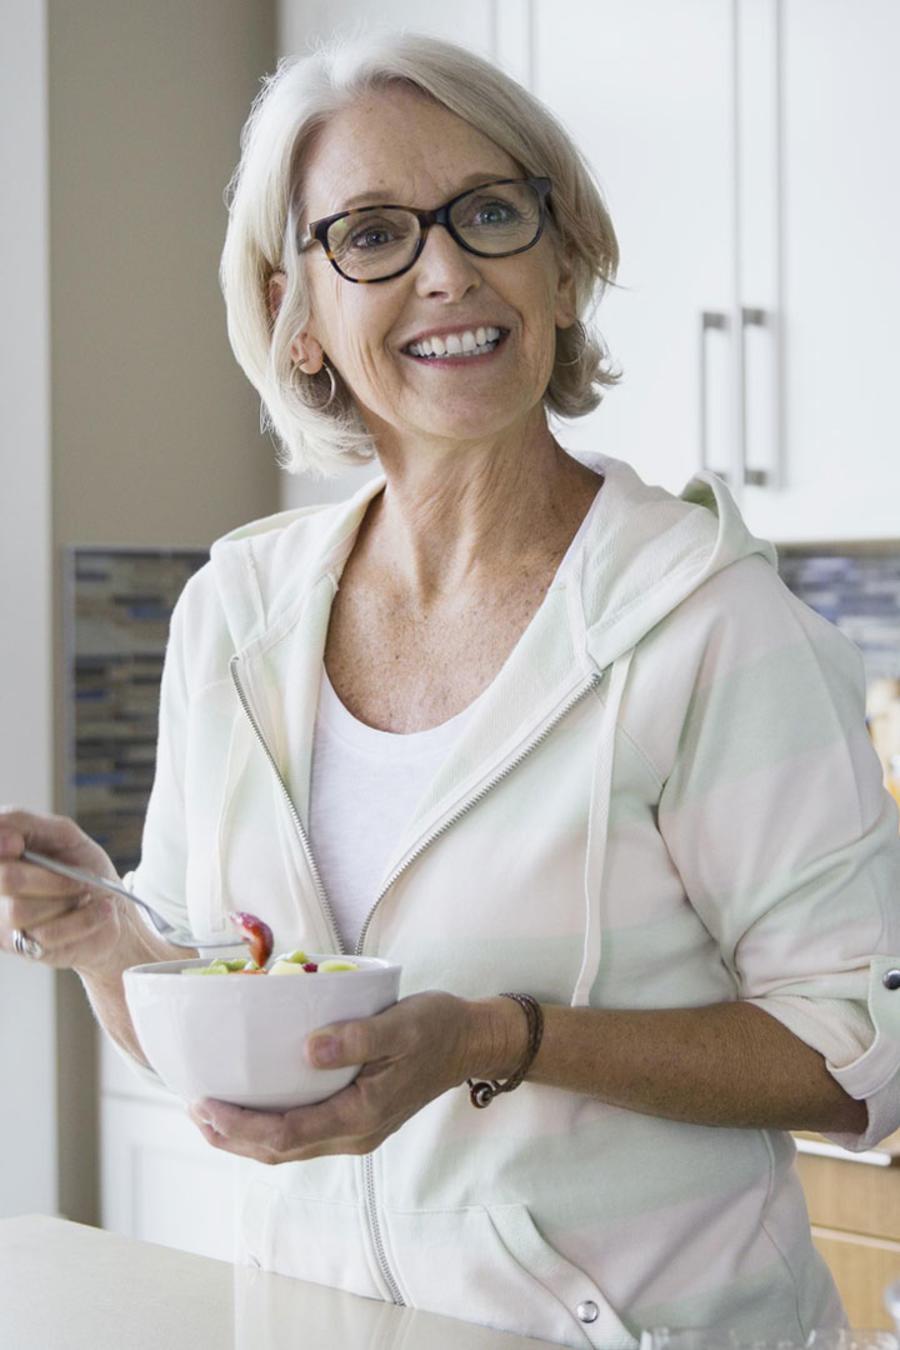 Mujer madura desayunando en la cocina